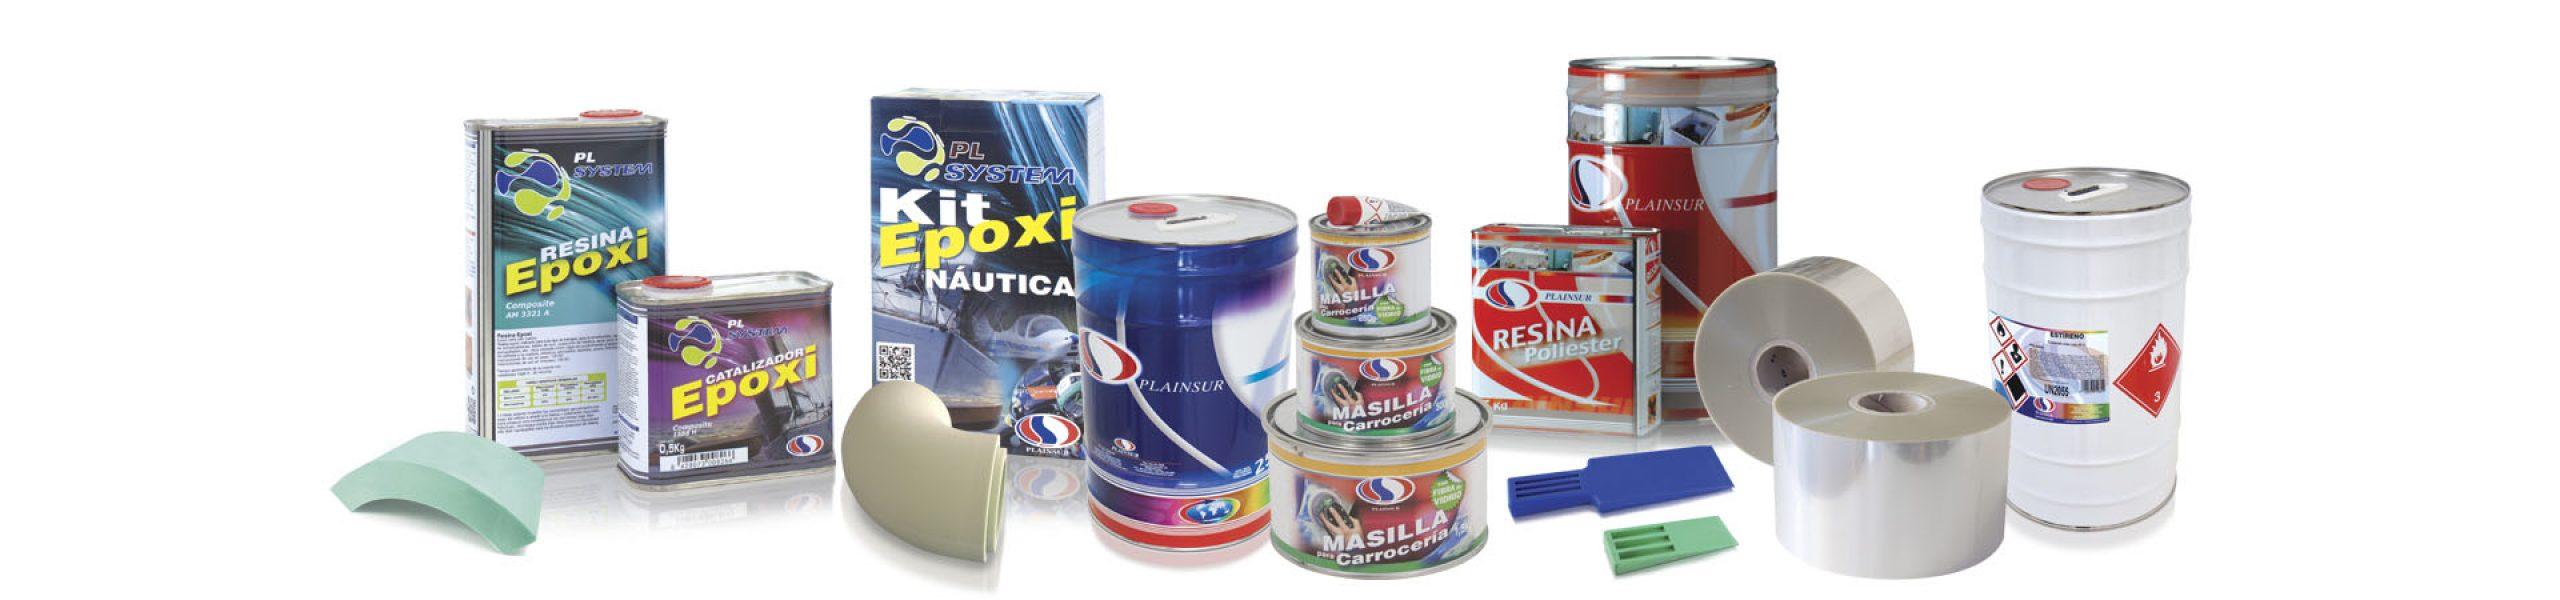 plainsur-cabecera-productos